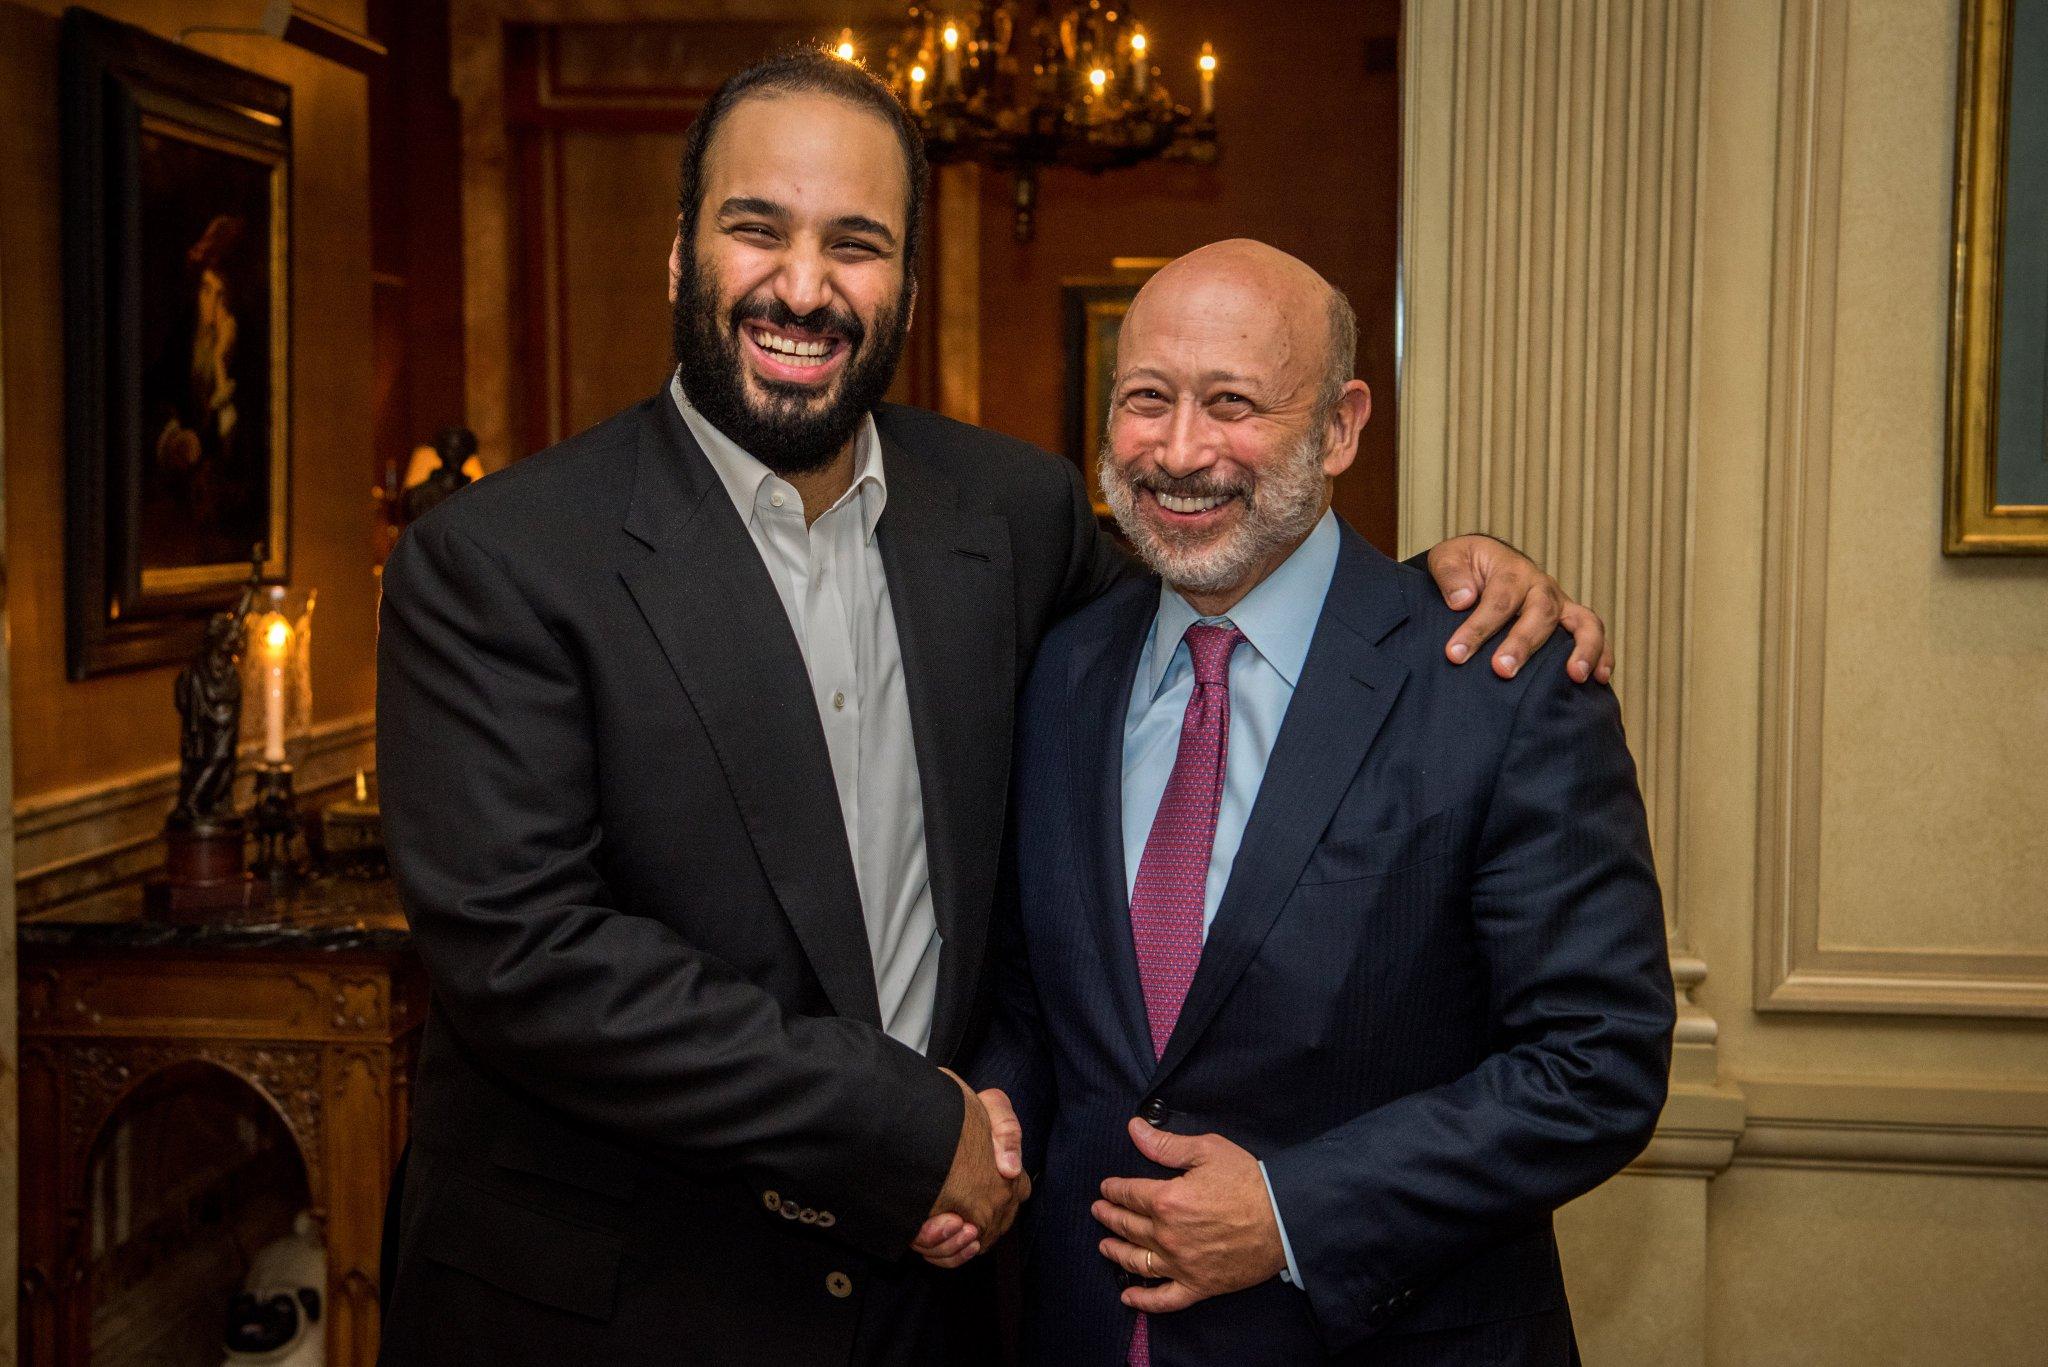 Глава Goldman Sachs: наследный принц впечатляет, и впечатляет положительно, он способен справлятся с давлением